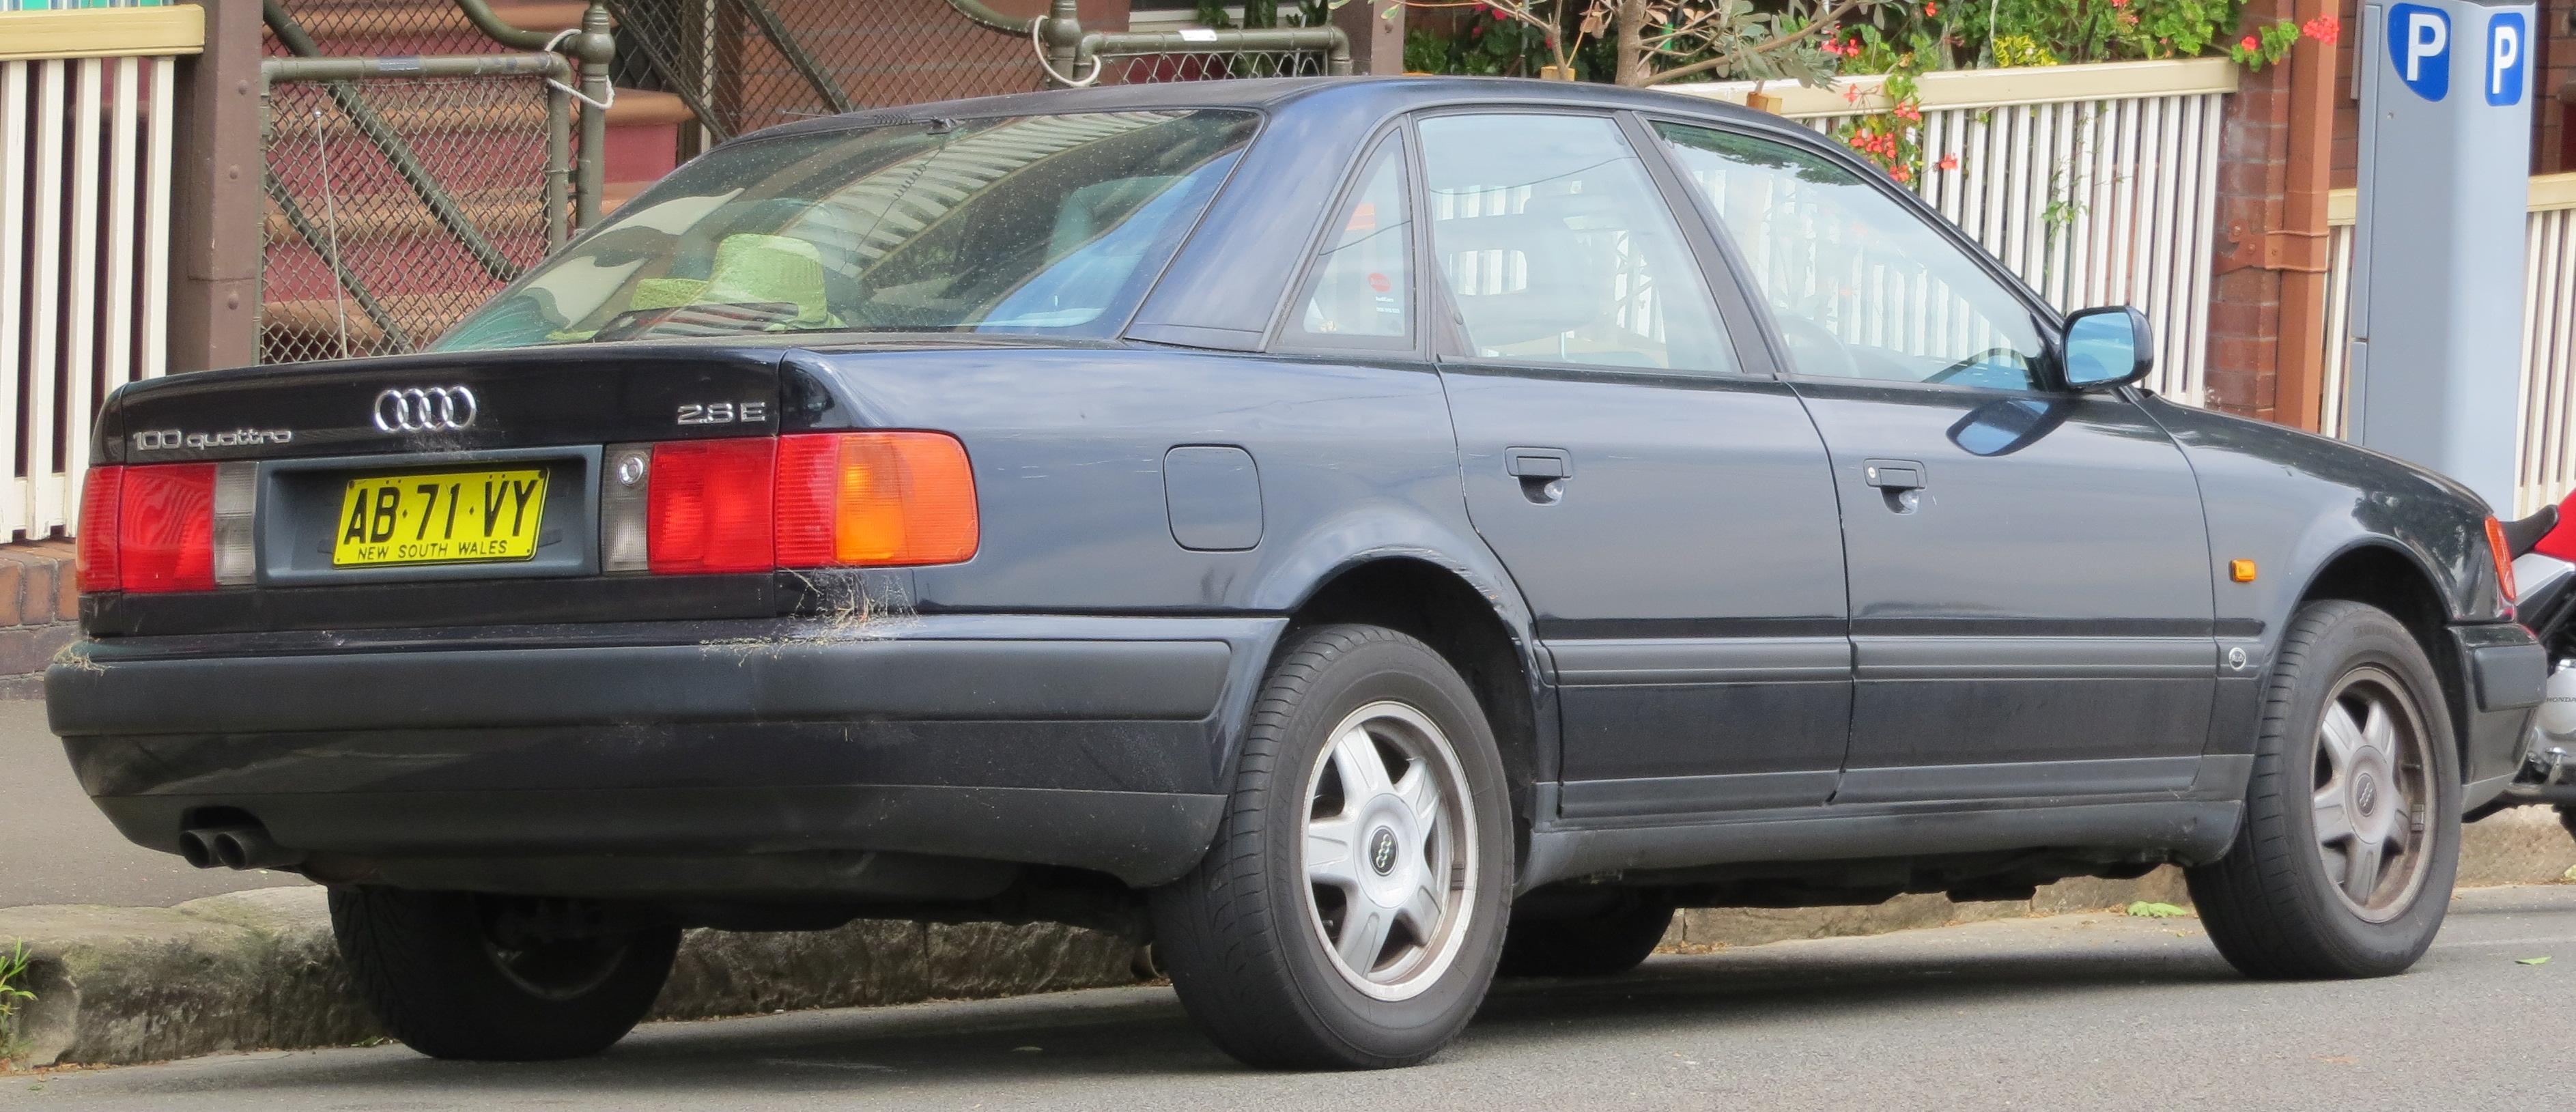 File:1993 Audi 100 (4A) 2.8 E quattro sedan (2012-10-26 ...